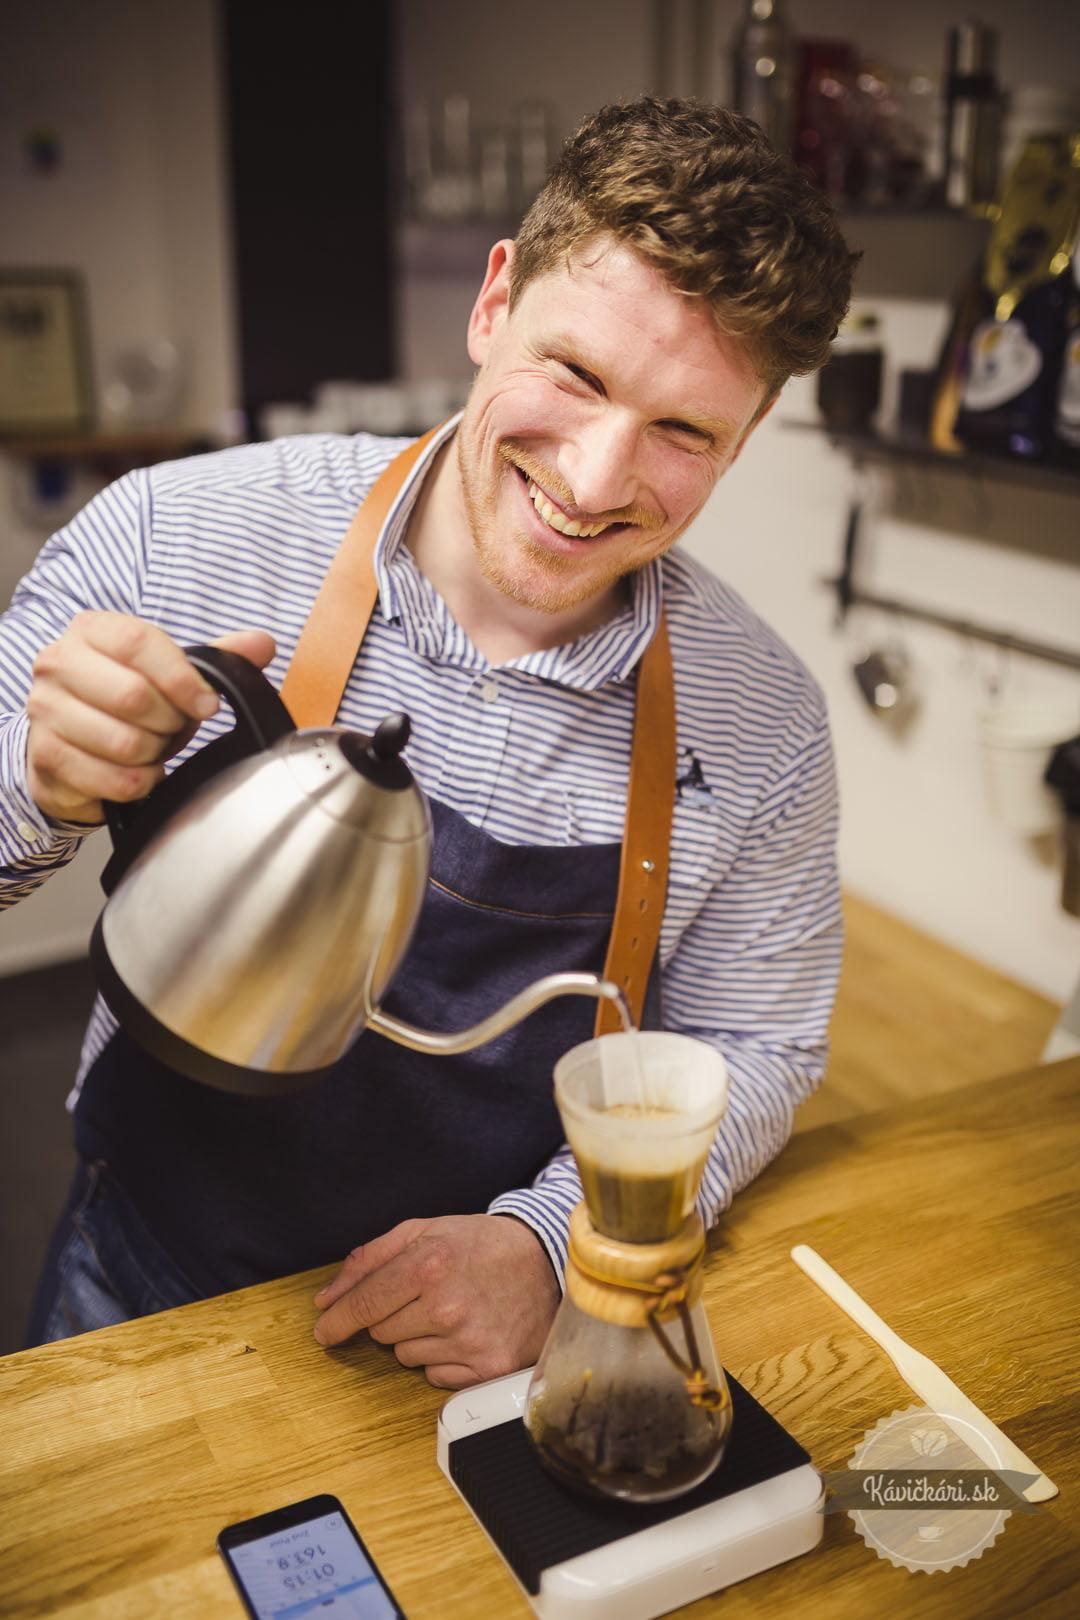 šimon staš dodávateľ kávy bazzara príprava alternatíva